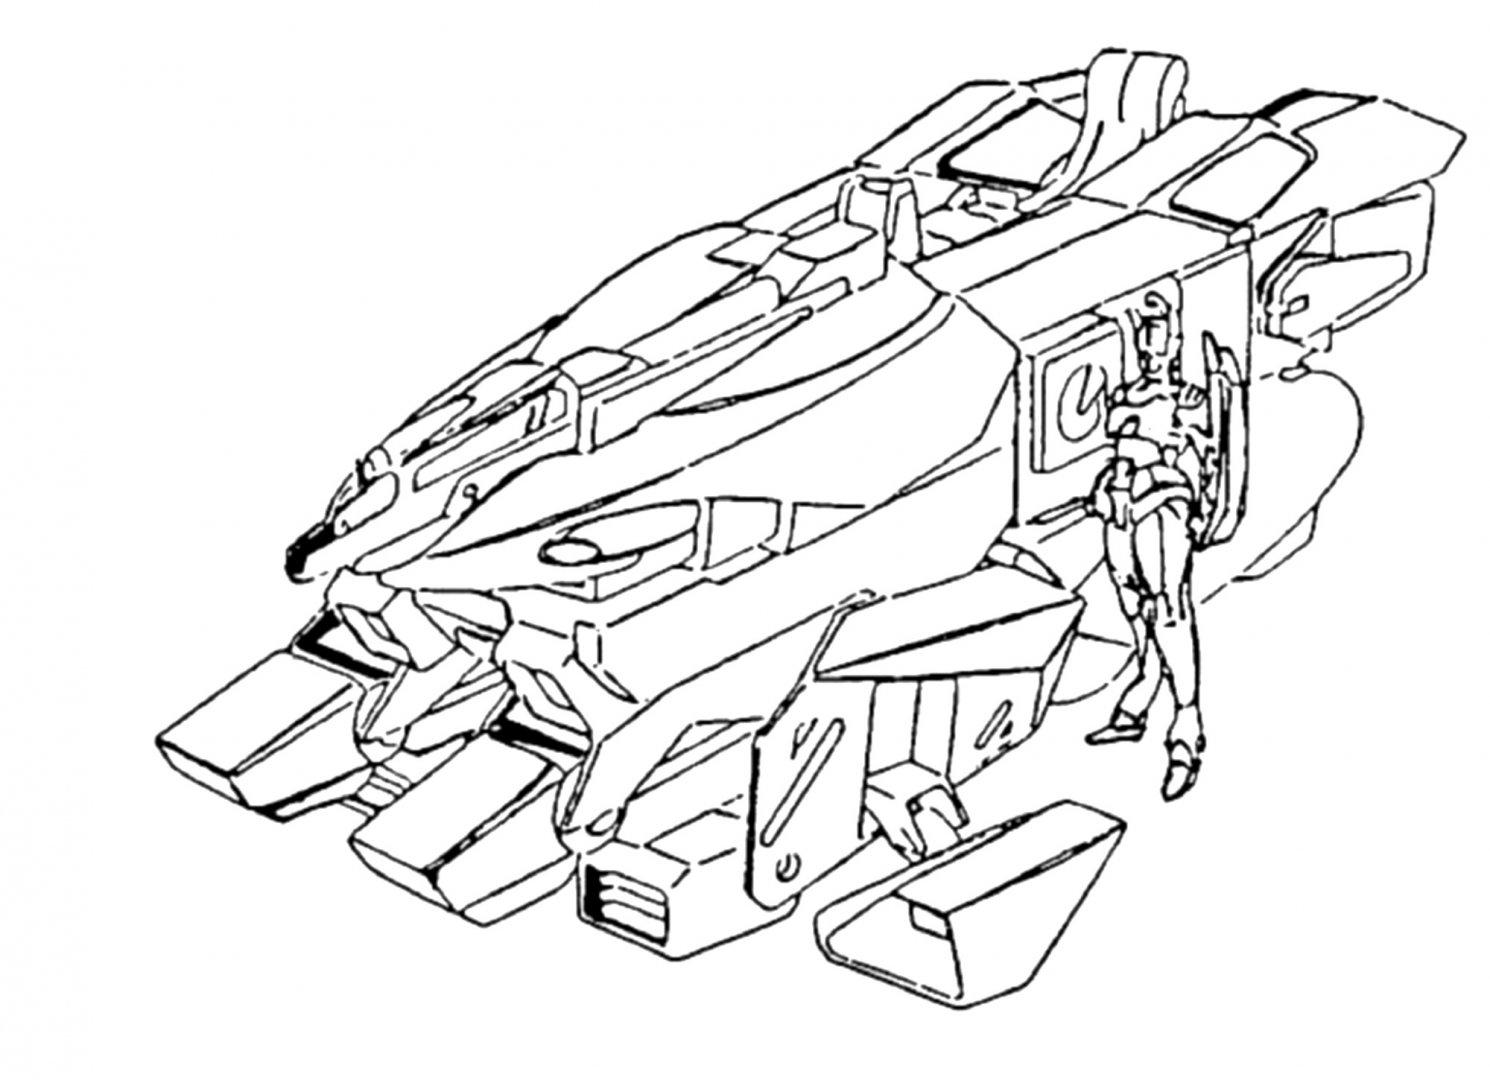 VHT-1-Spartas-Veritech-Hover-Tank-5.jpg